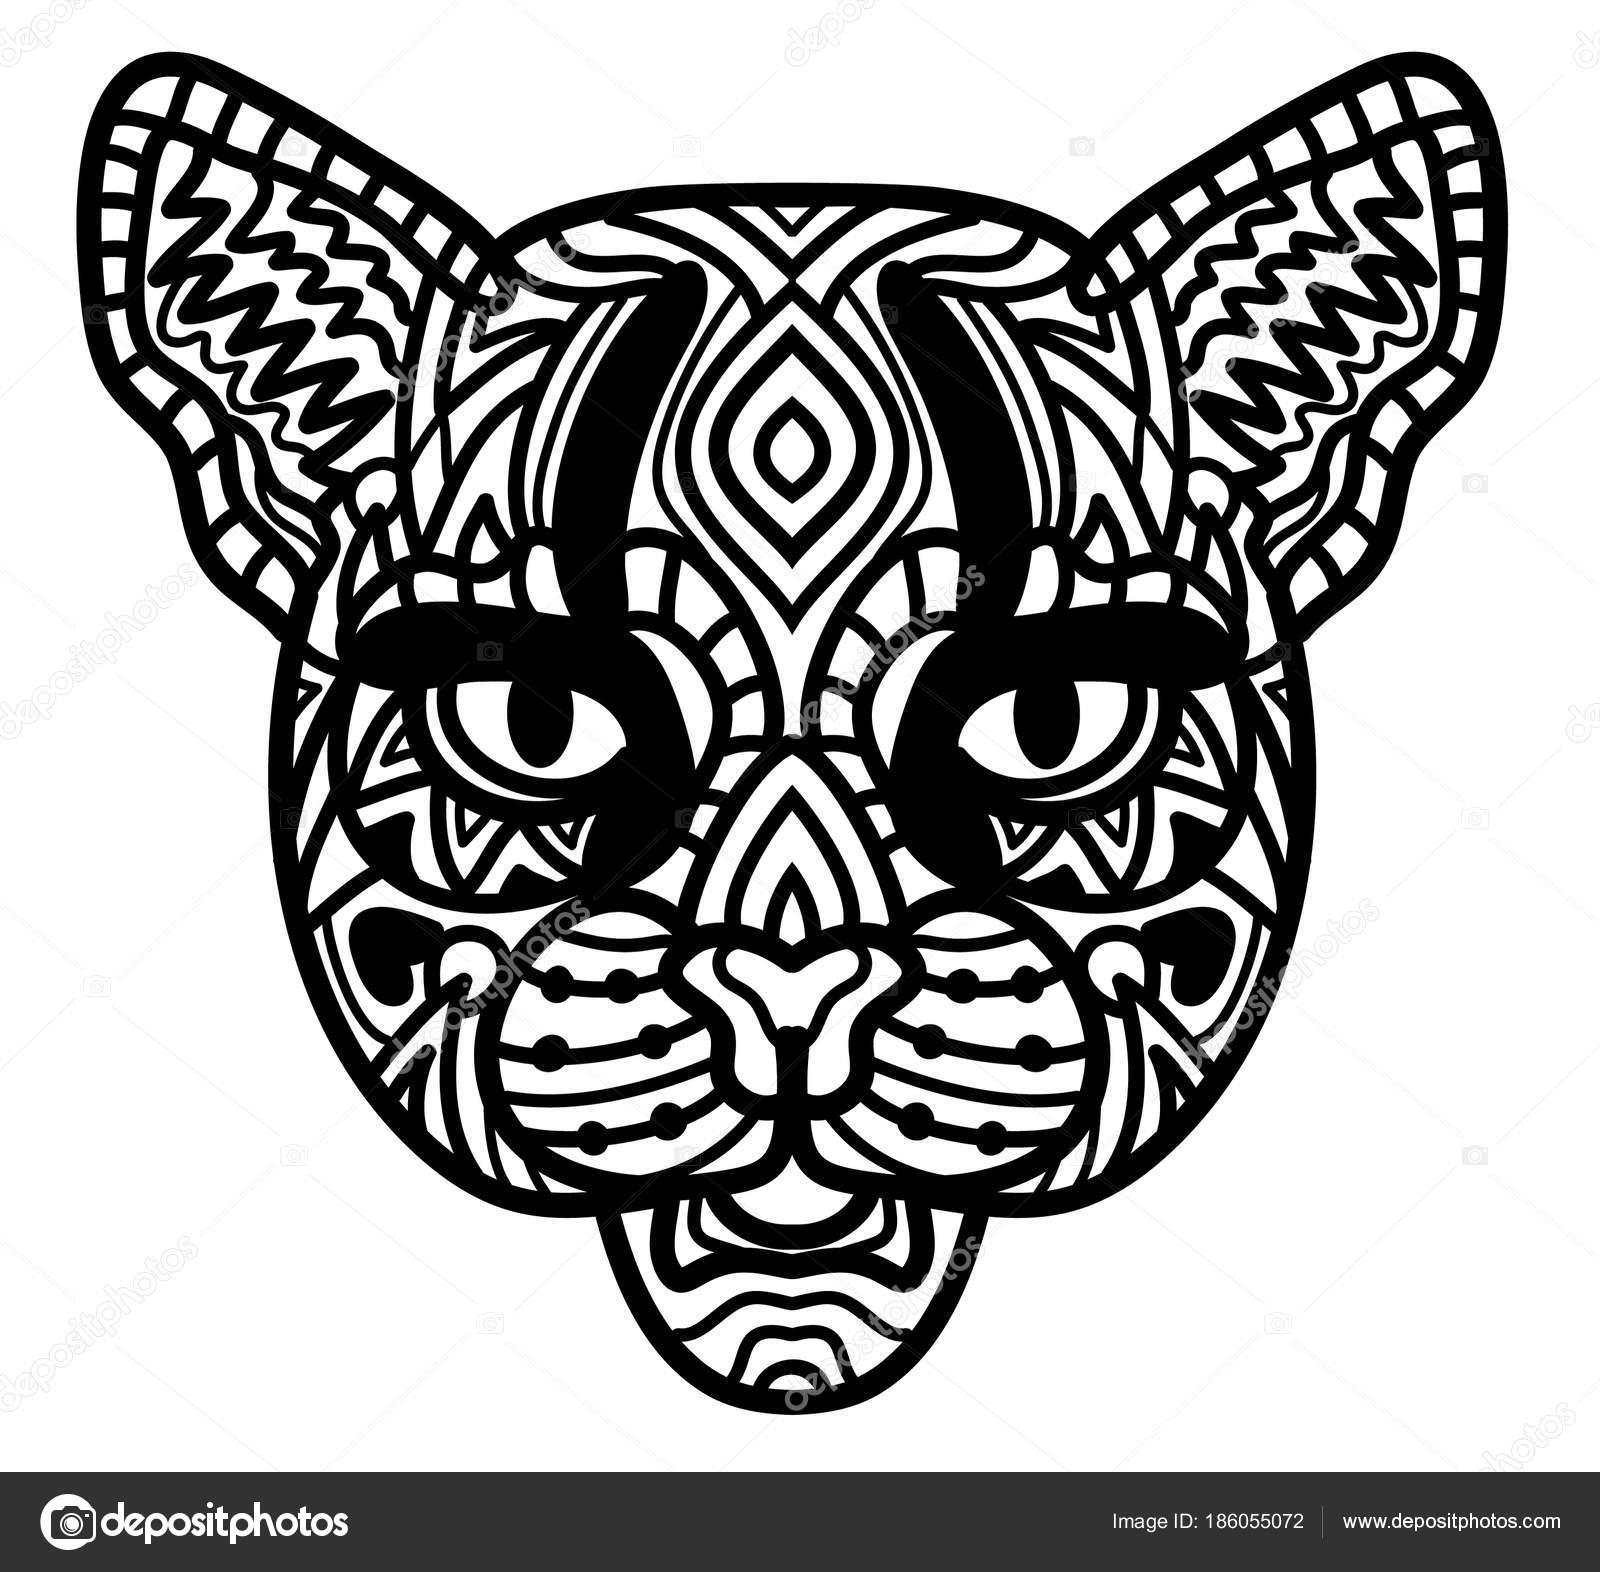 Katze. Handgezeichnete Wildkatze mit ethnischen Doodle Muster ...